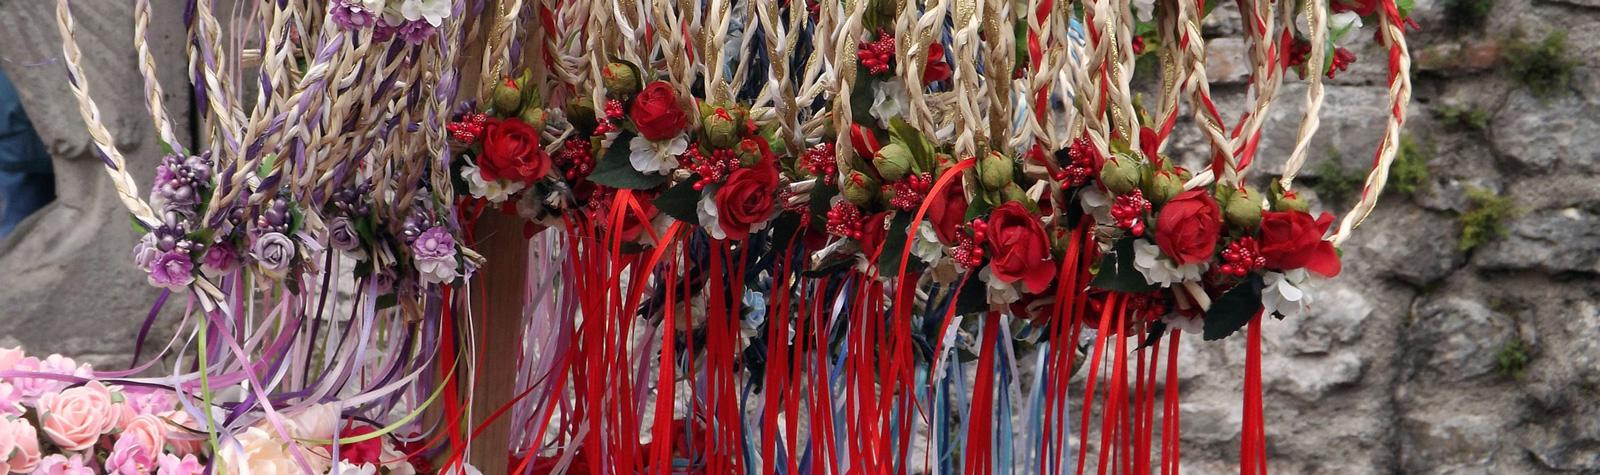 Fiestas florales en España